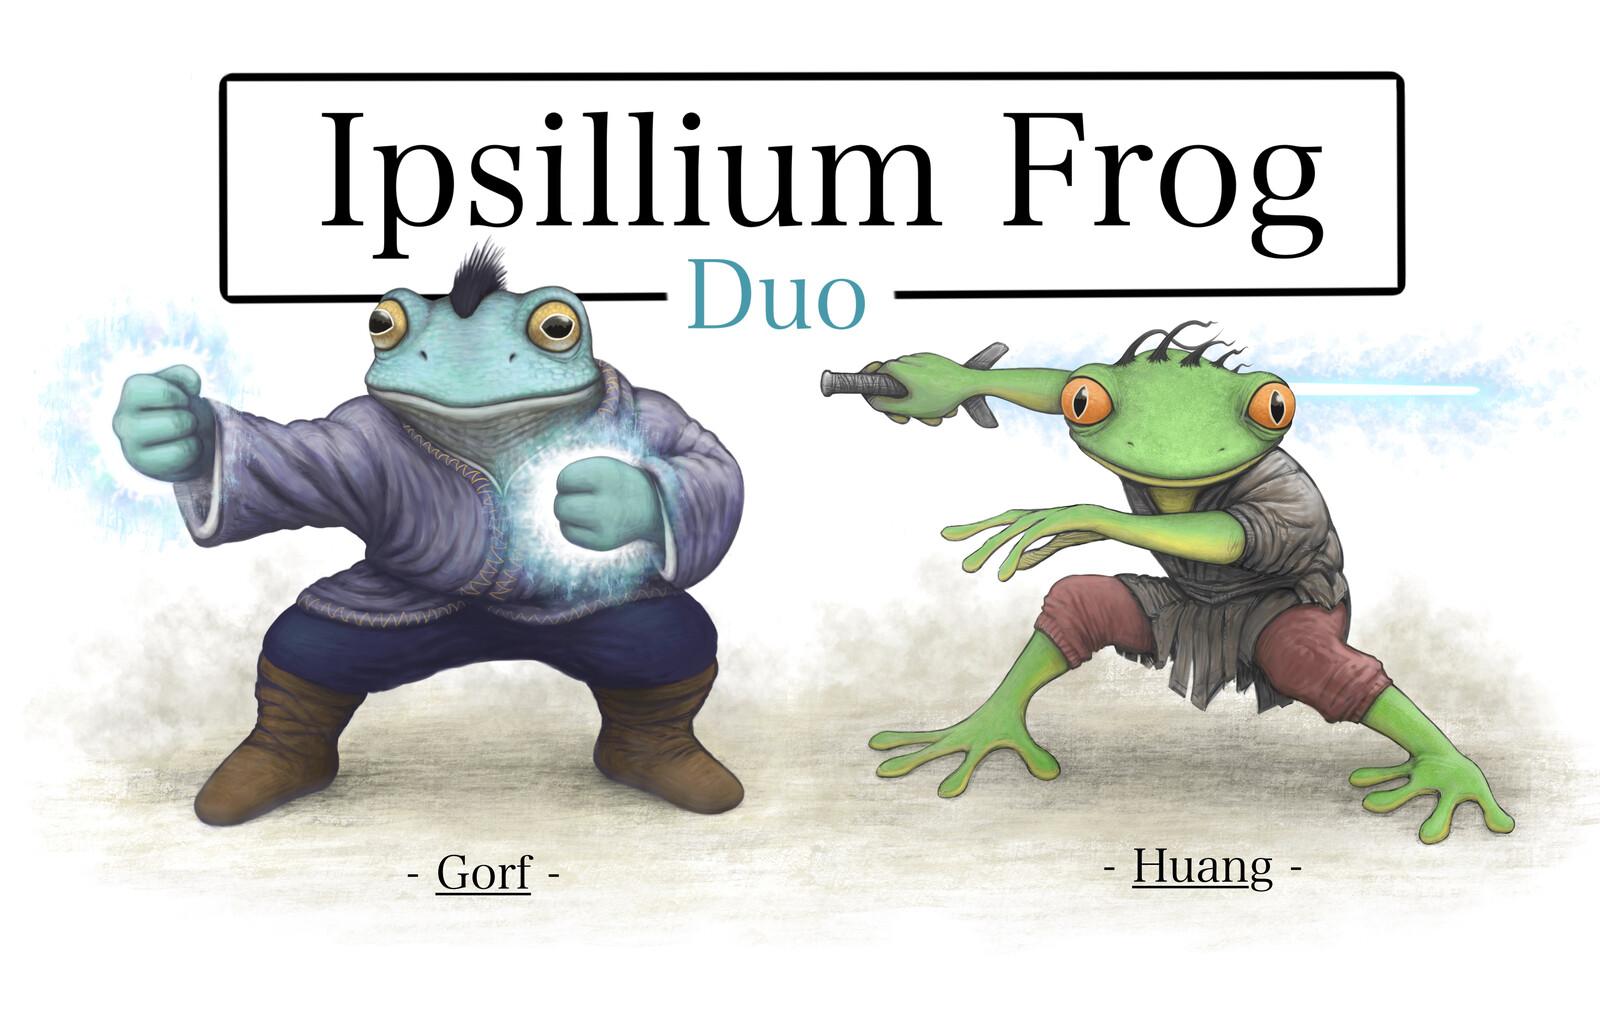 The Ipsillium Frog Duo